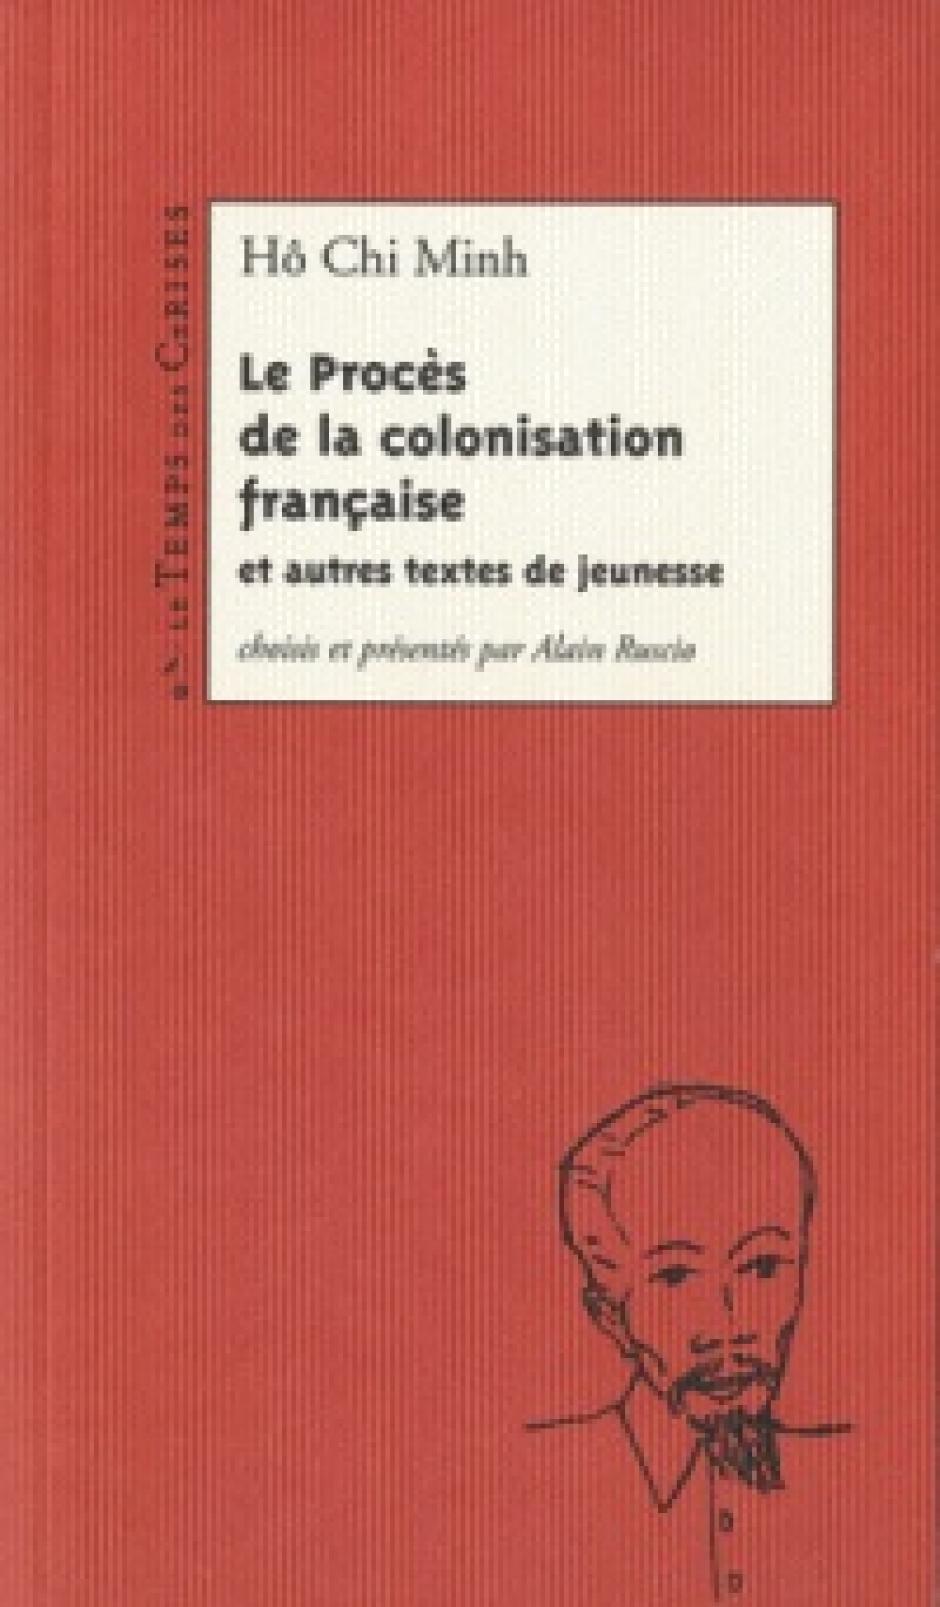 Le procès de la colonisation française et autres textes de jeunesse, Hô Chi Minh